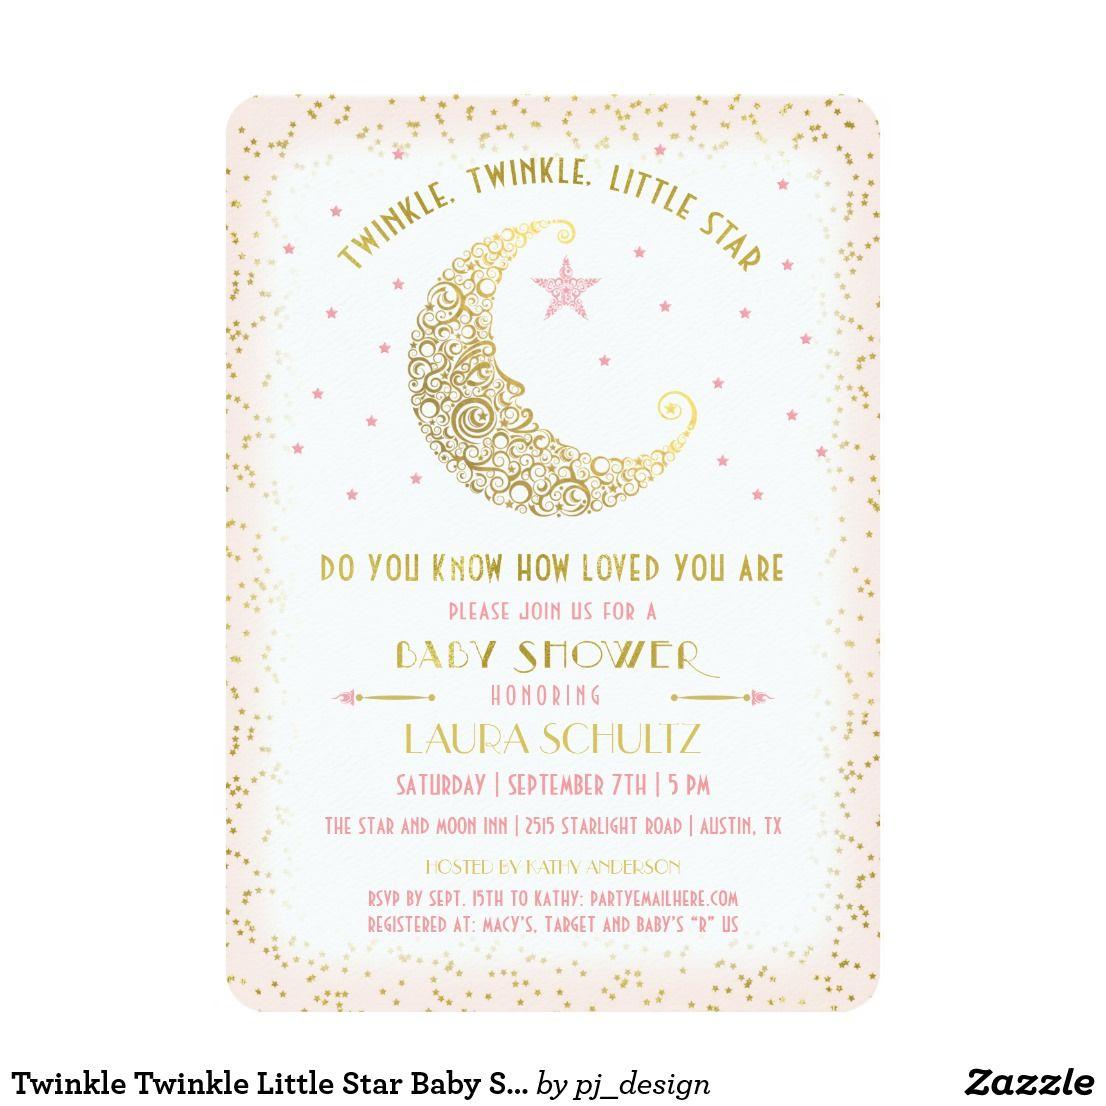 Twinkle Twinkle Little Star Baby Shower Invitation | Twinkle Twinkle ...